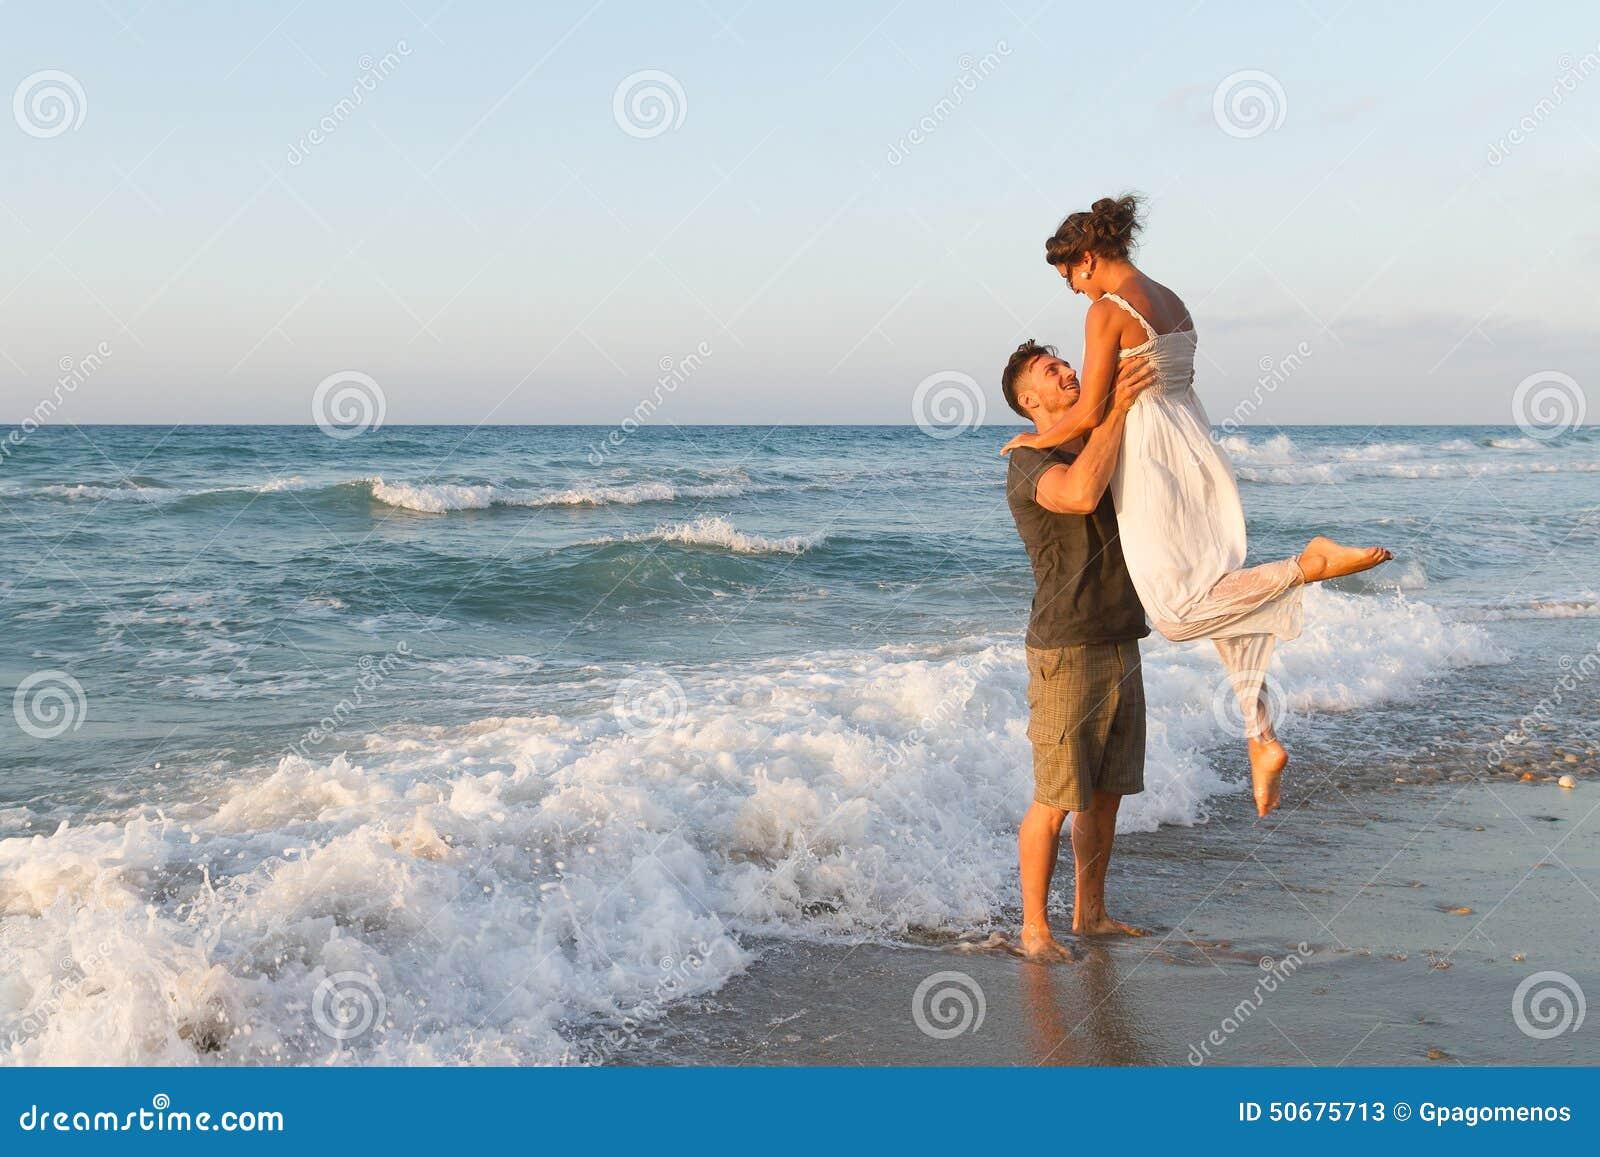 Download 年轻夫妇喜欢走在一个朦胧的海滩在 库存图片. 图片 包括有 休闲, 恋人, 幸福, 日落, 室外, 热情地 - 50675713